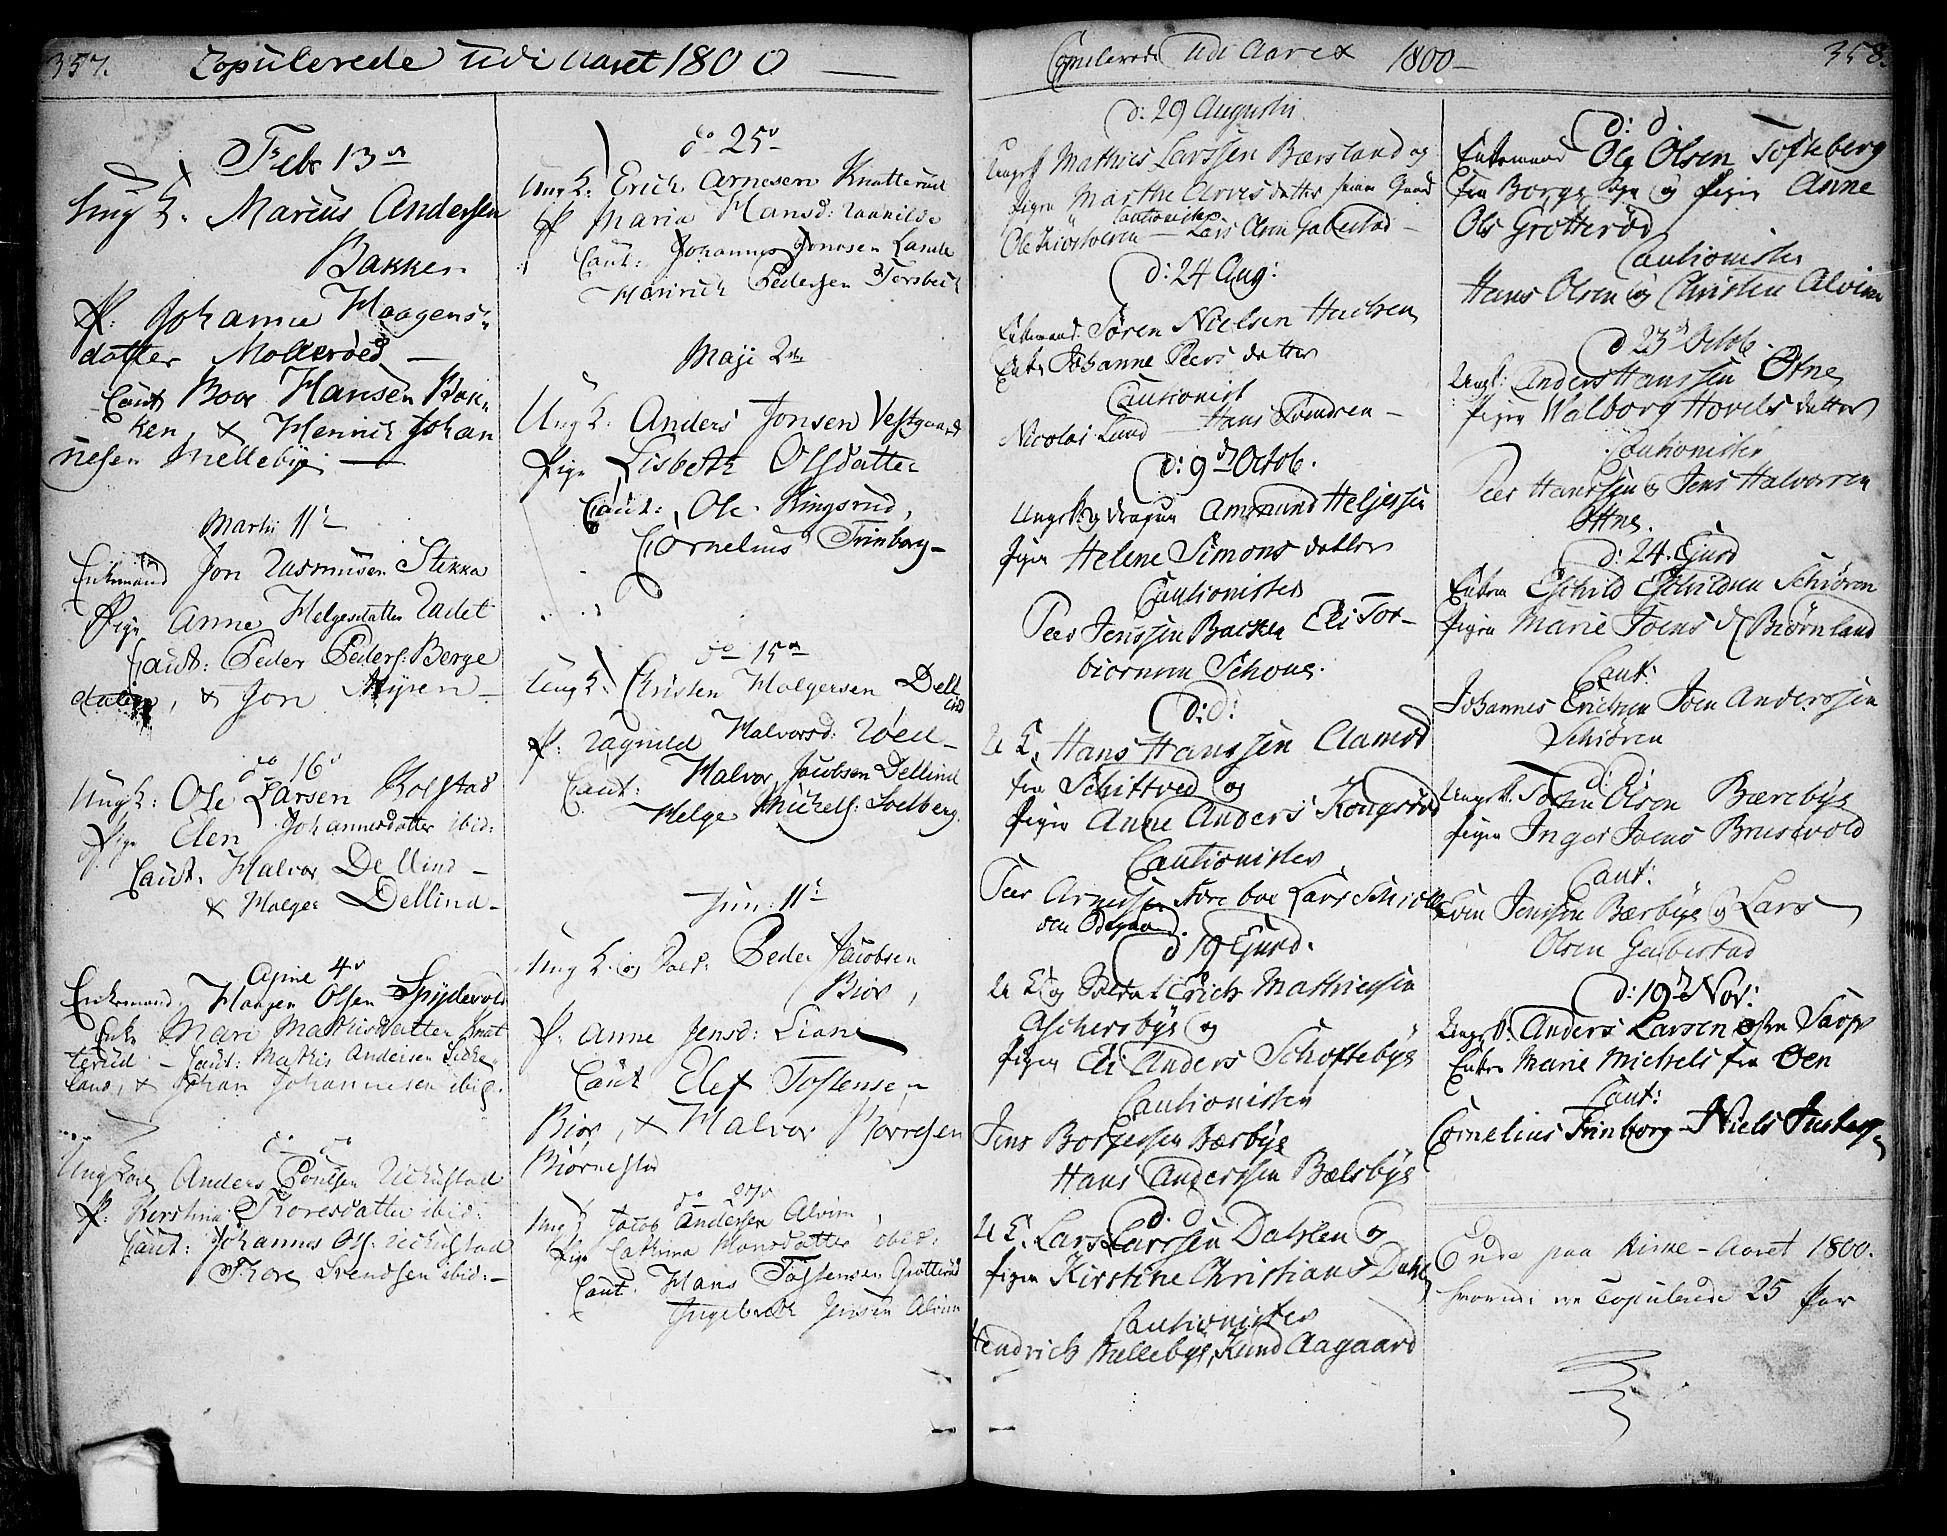 SAO, Tune prestekontor Kirkebøker, F/Fa/L0004: Ministerialbok nr. 4, 1797-1815, s. 357-358